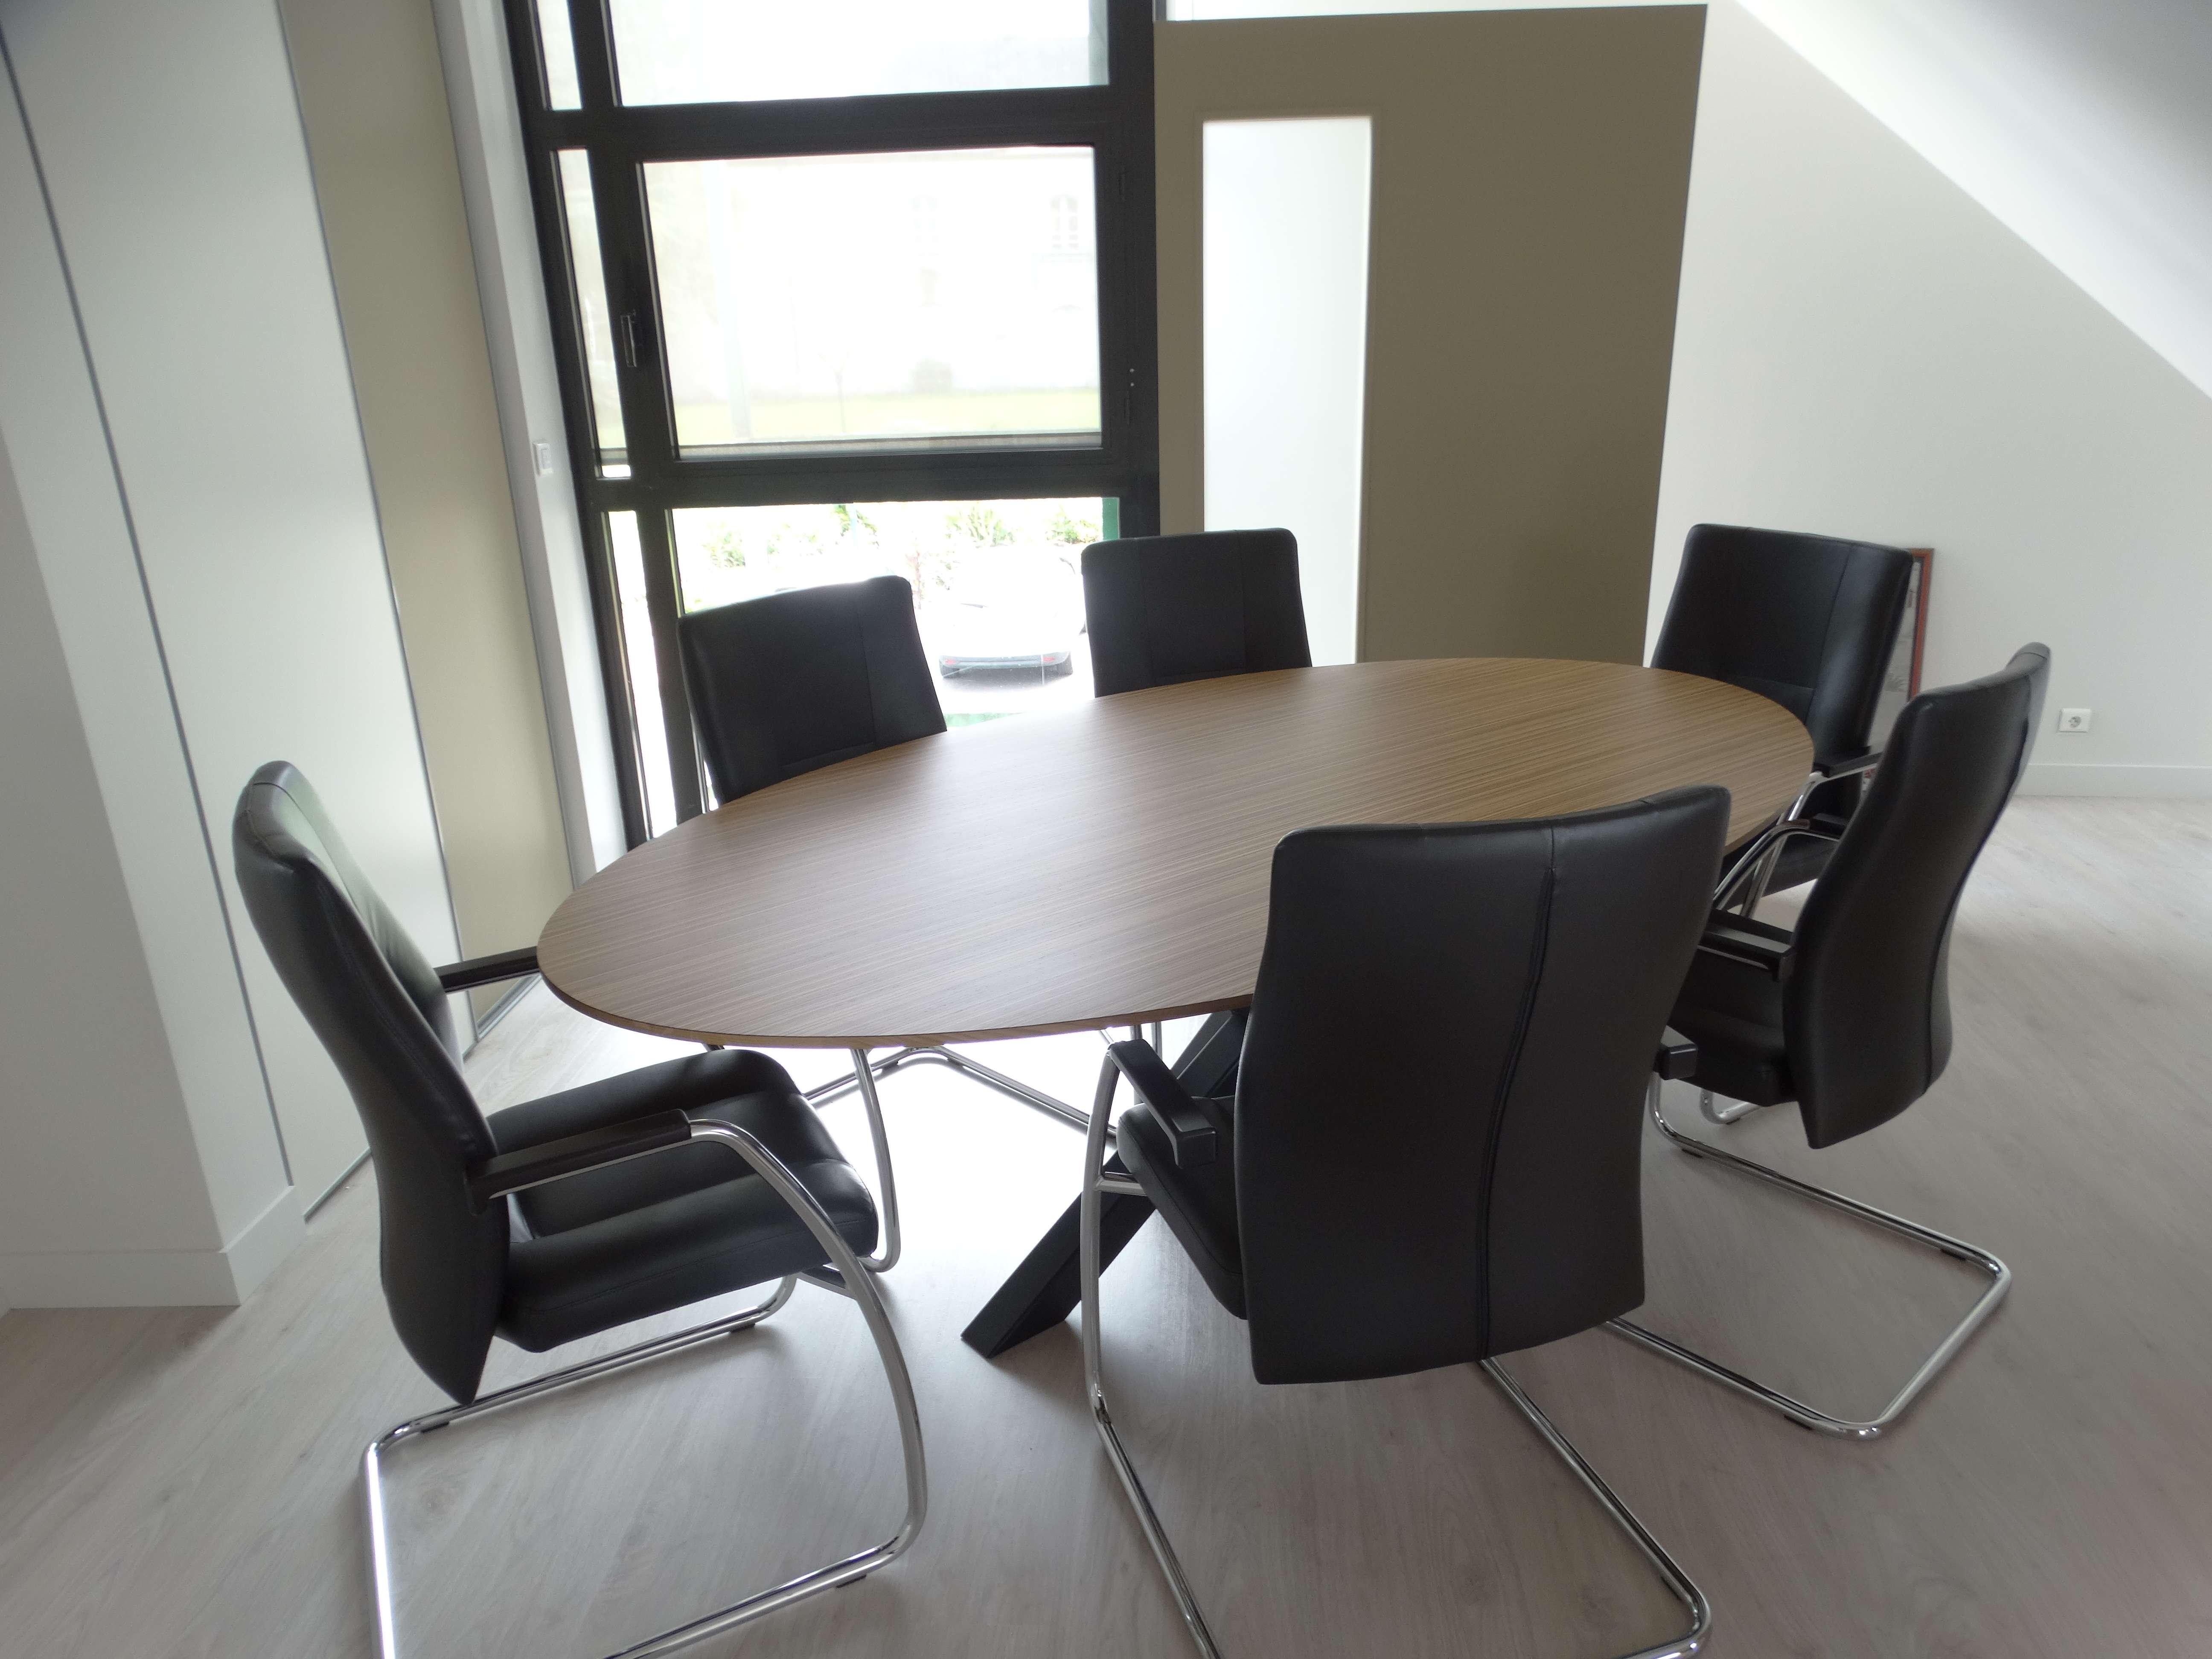 table de réunion directeur ovale massif - Bureau original mairie en bois zebrano et chêne